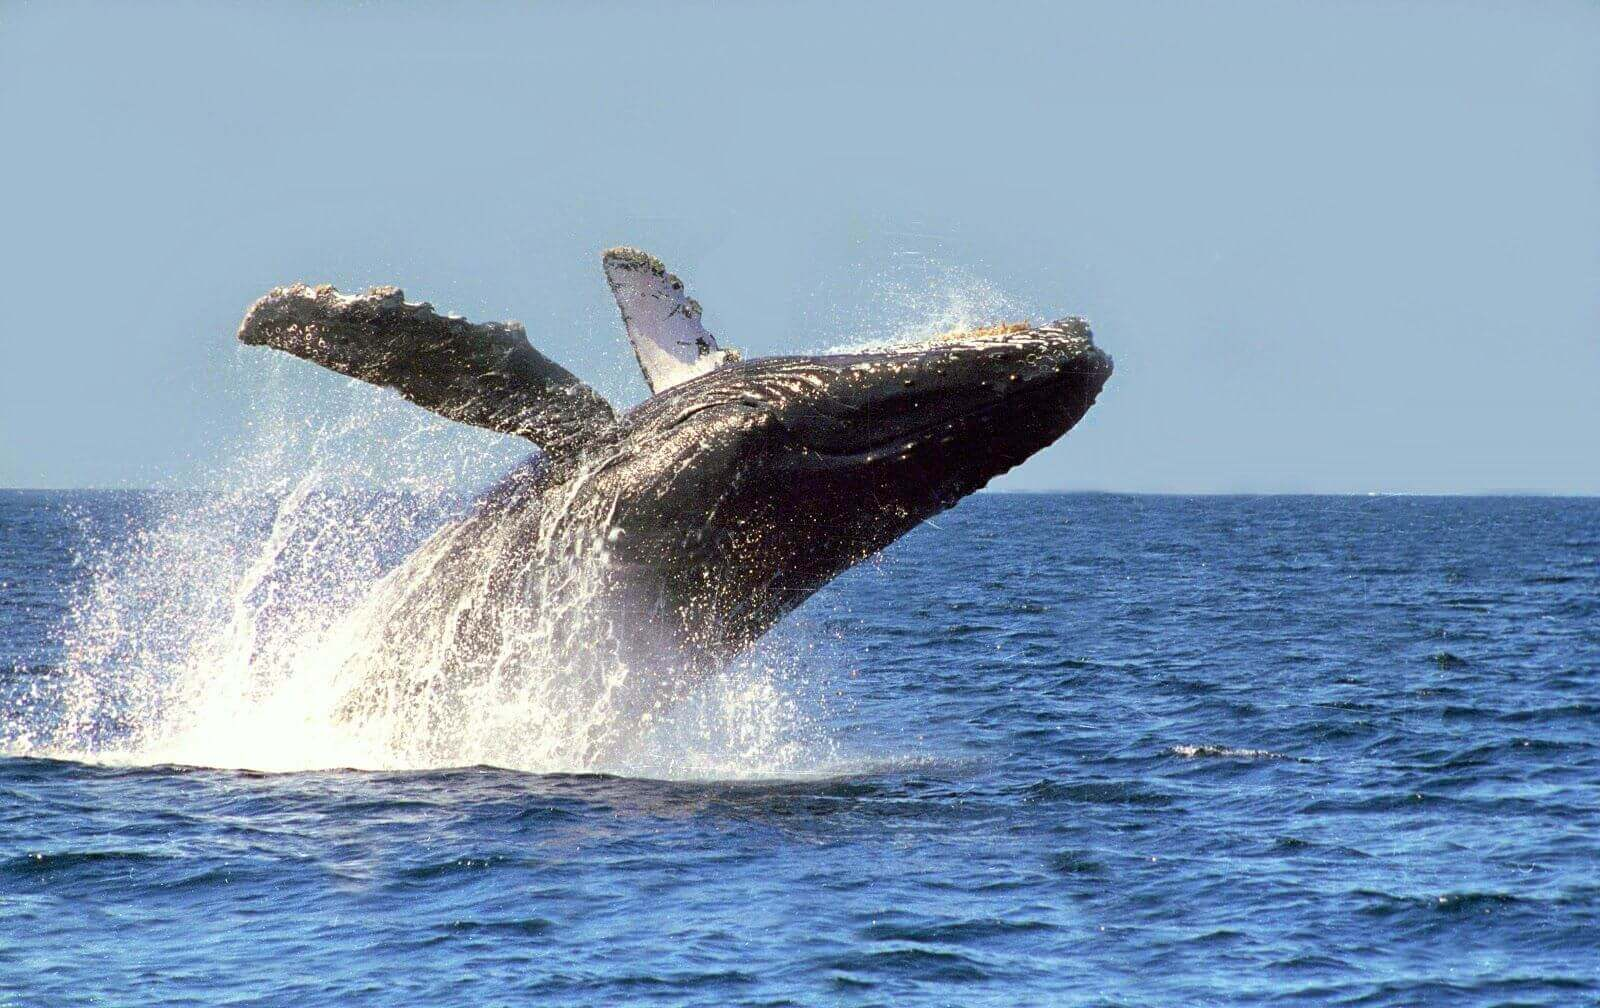 riviera nayarit avistamiento de ballenas